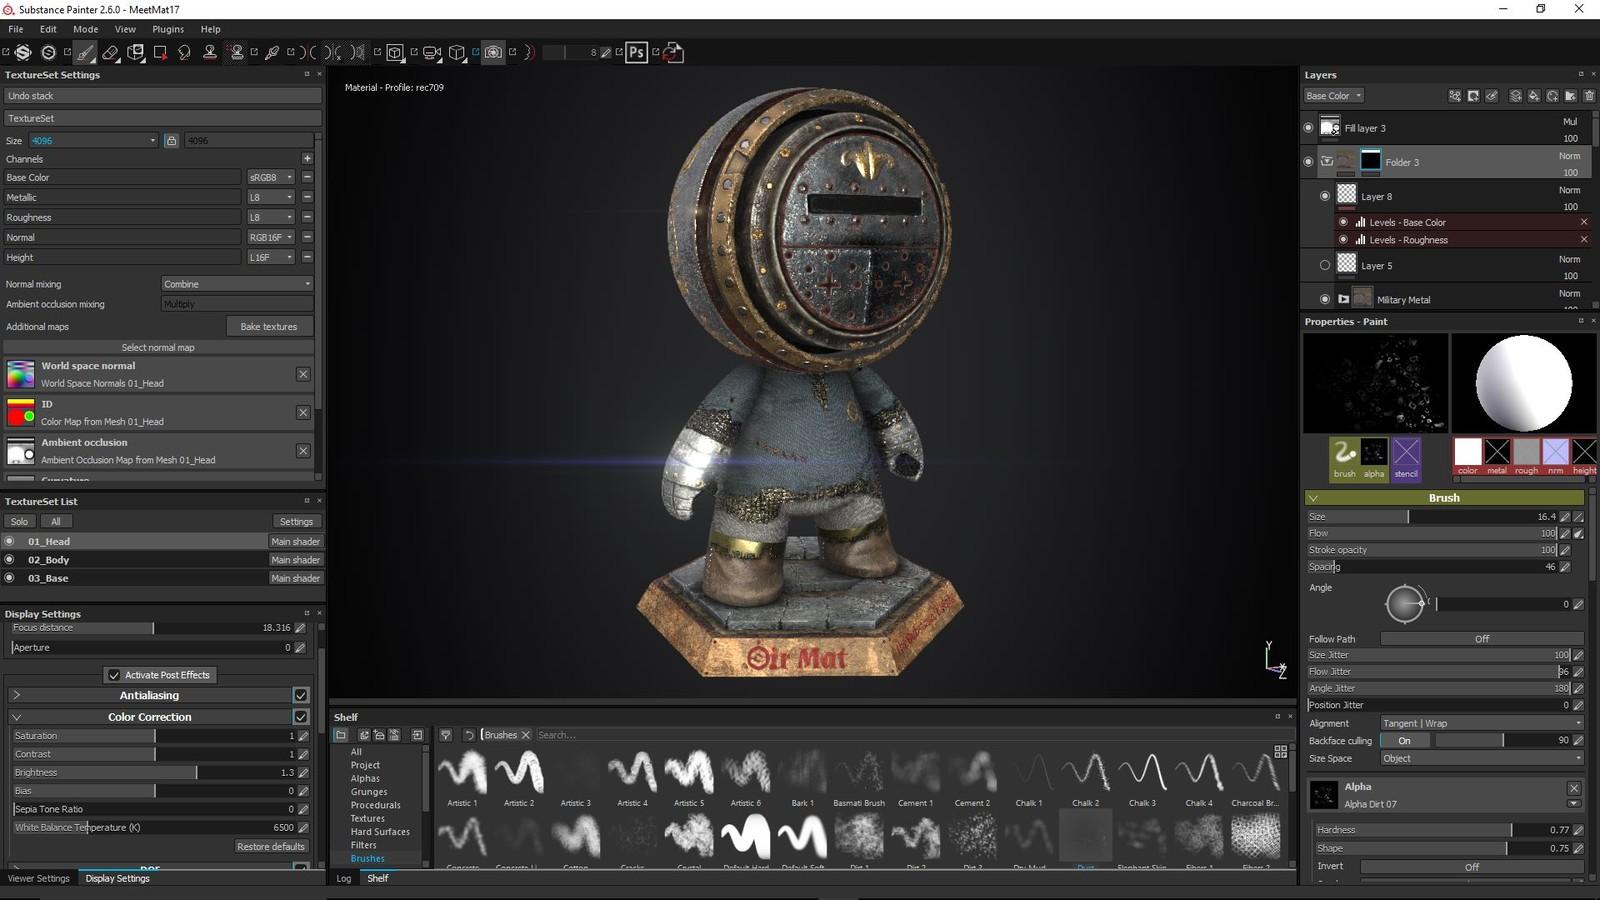 Substance Painter viewport screenshot.